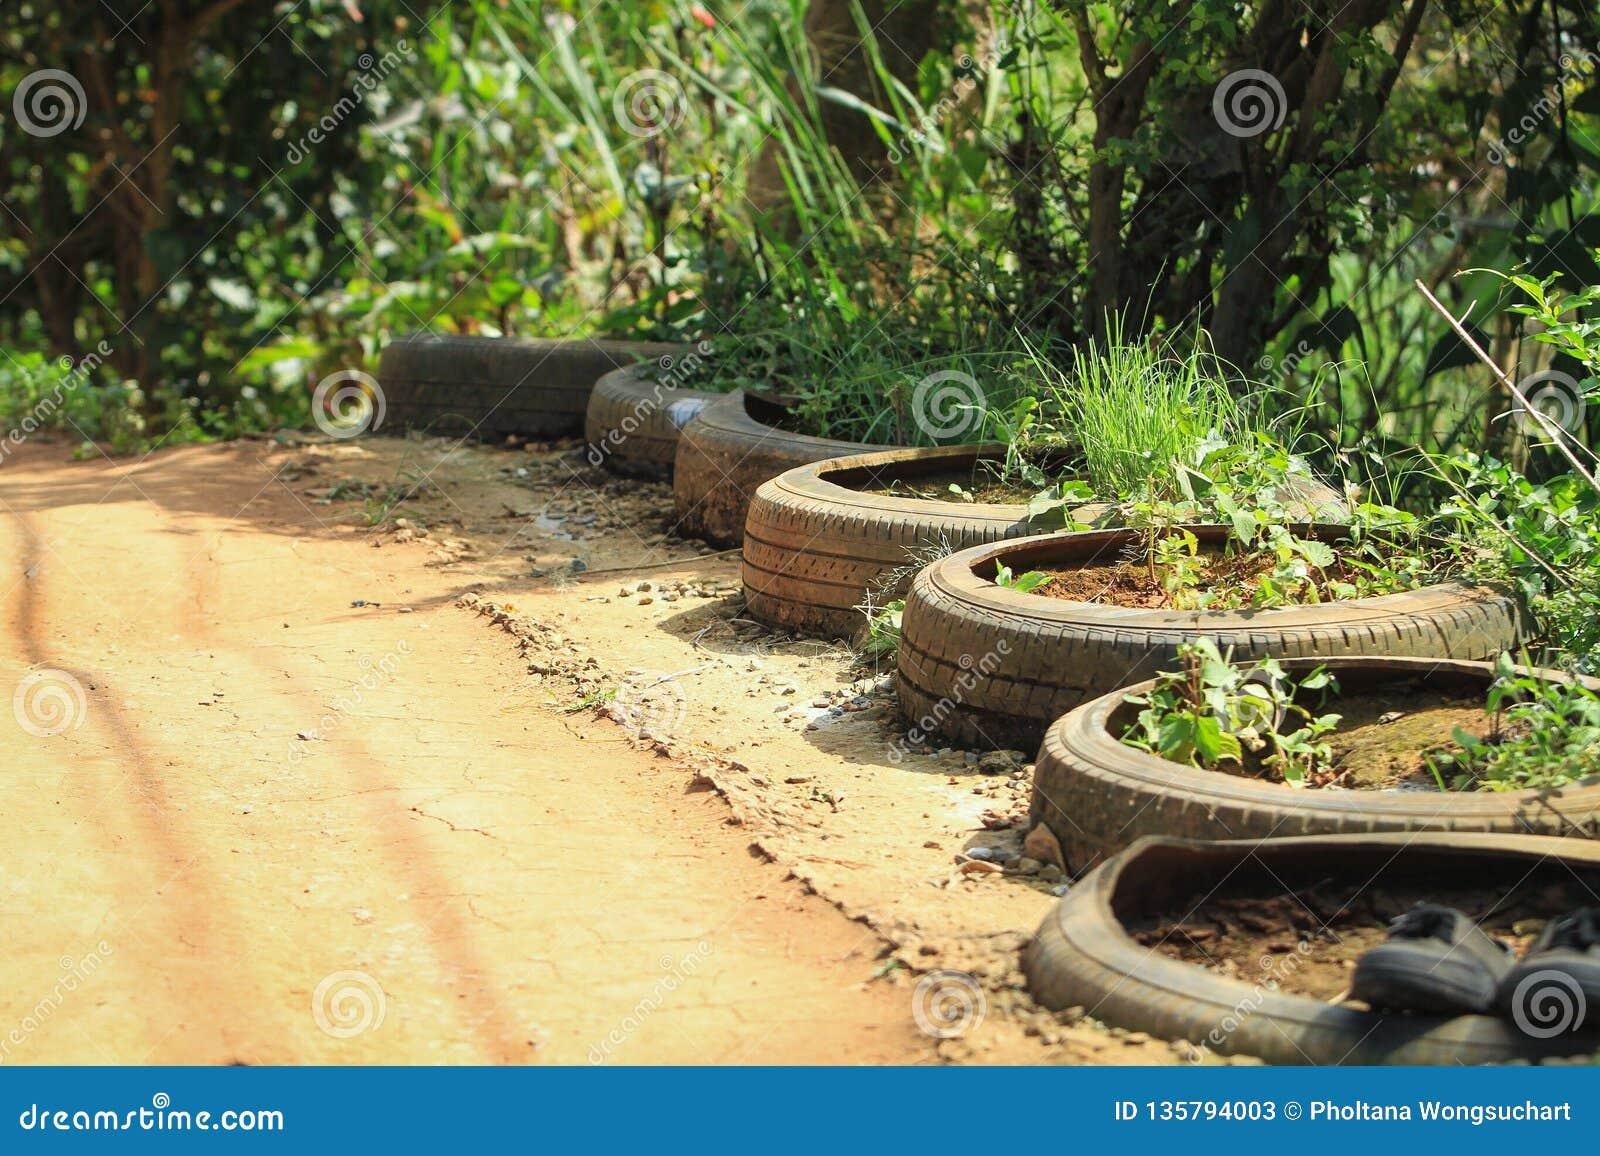 Засаживать деревья в колесах автомобиля вдоль тропы